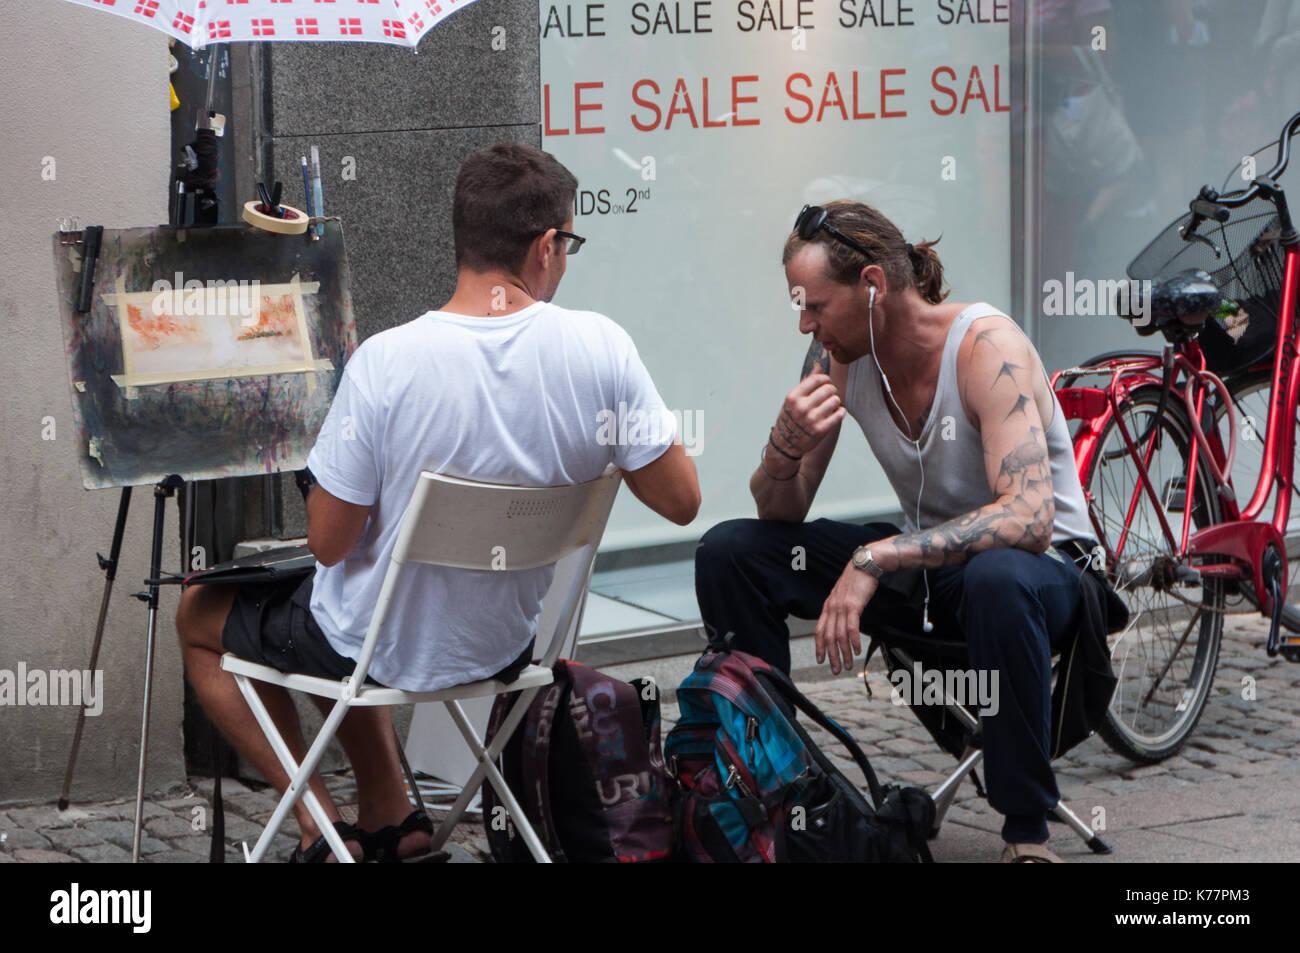 2 gli uomini a parlare di una pittura presso la strada di copenhagen. Immagini Stock